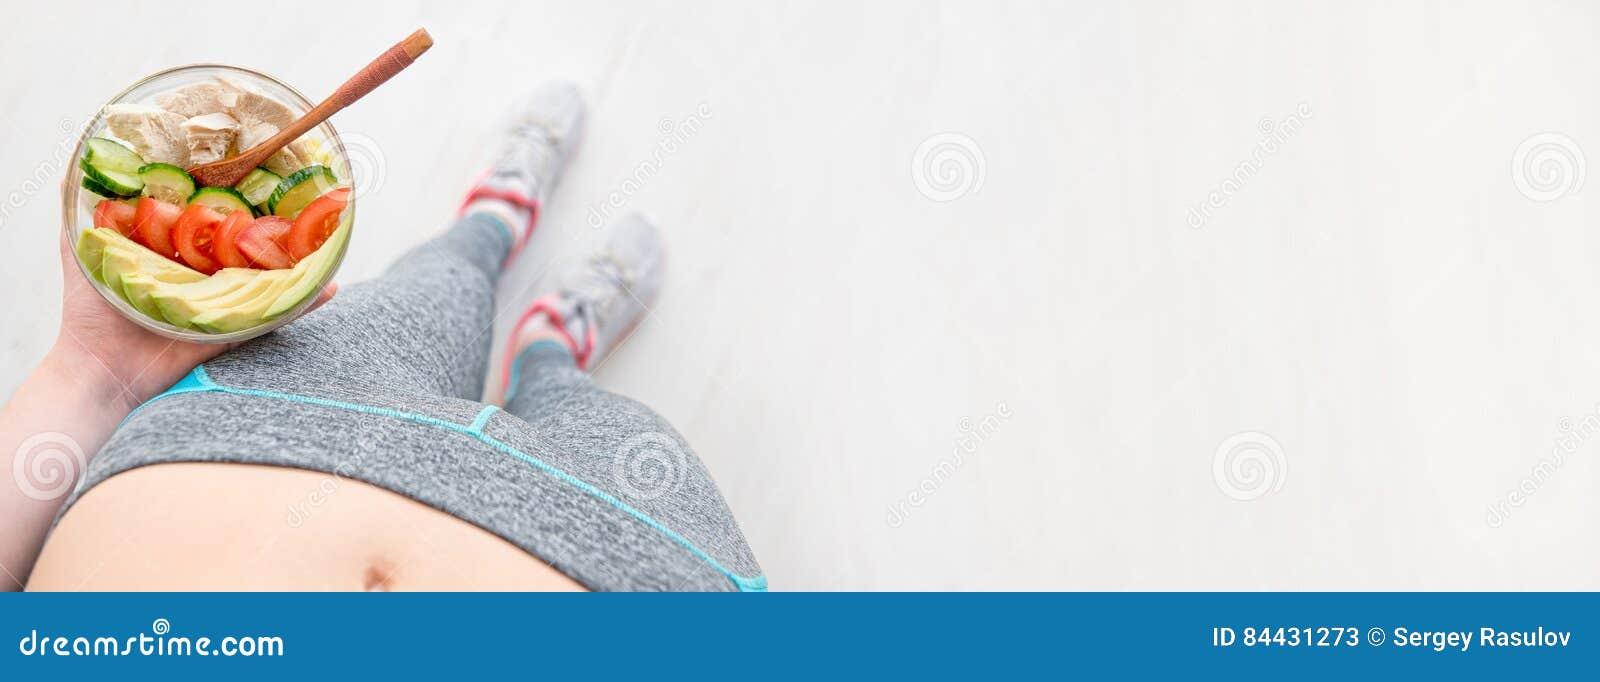 Młoda kobieta jest odpoczynkowa i jedząca zdrowej sałatki po treningu